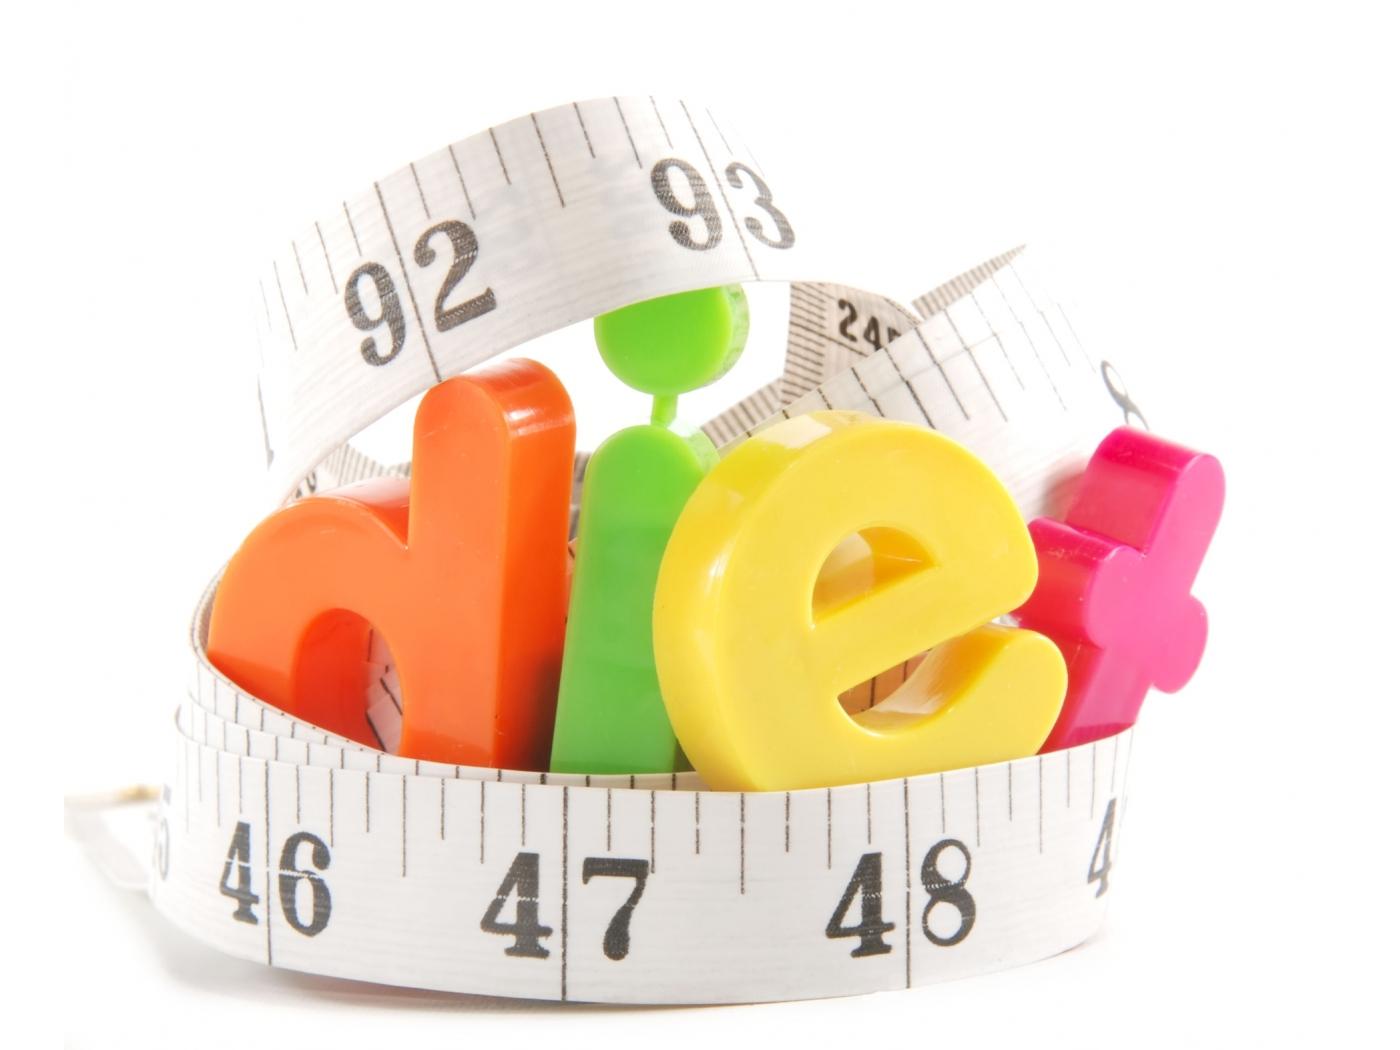 低カロリーでも美味しい!口コミで人気のダイエット食品をご紹介!のサムネイル画像